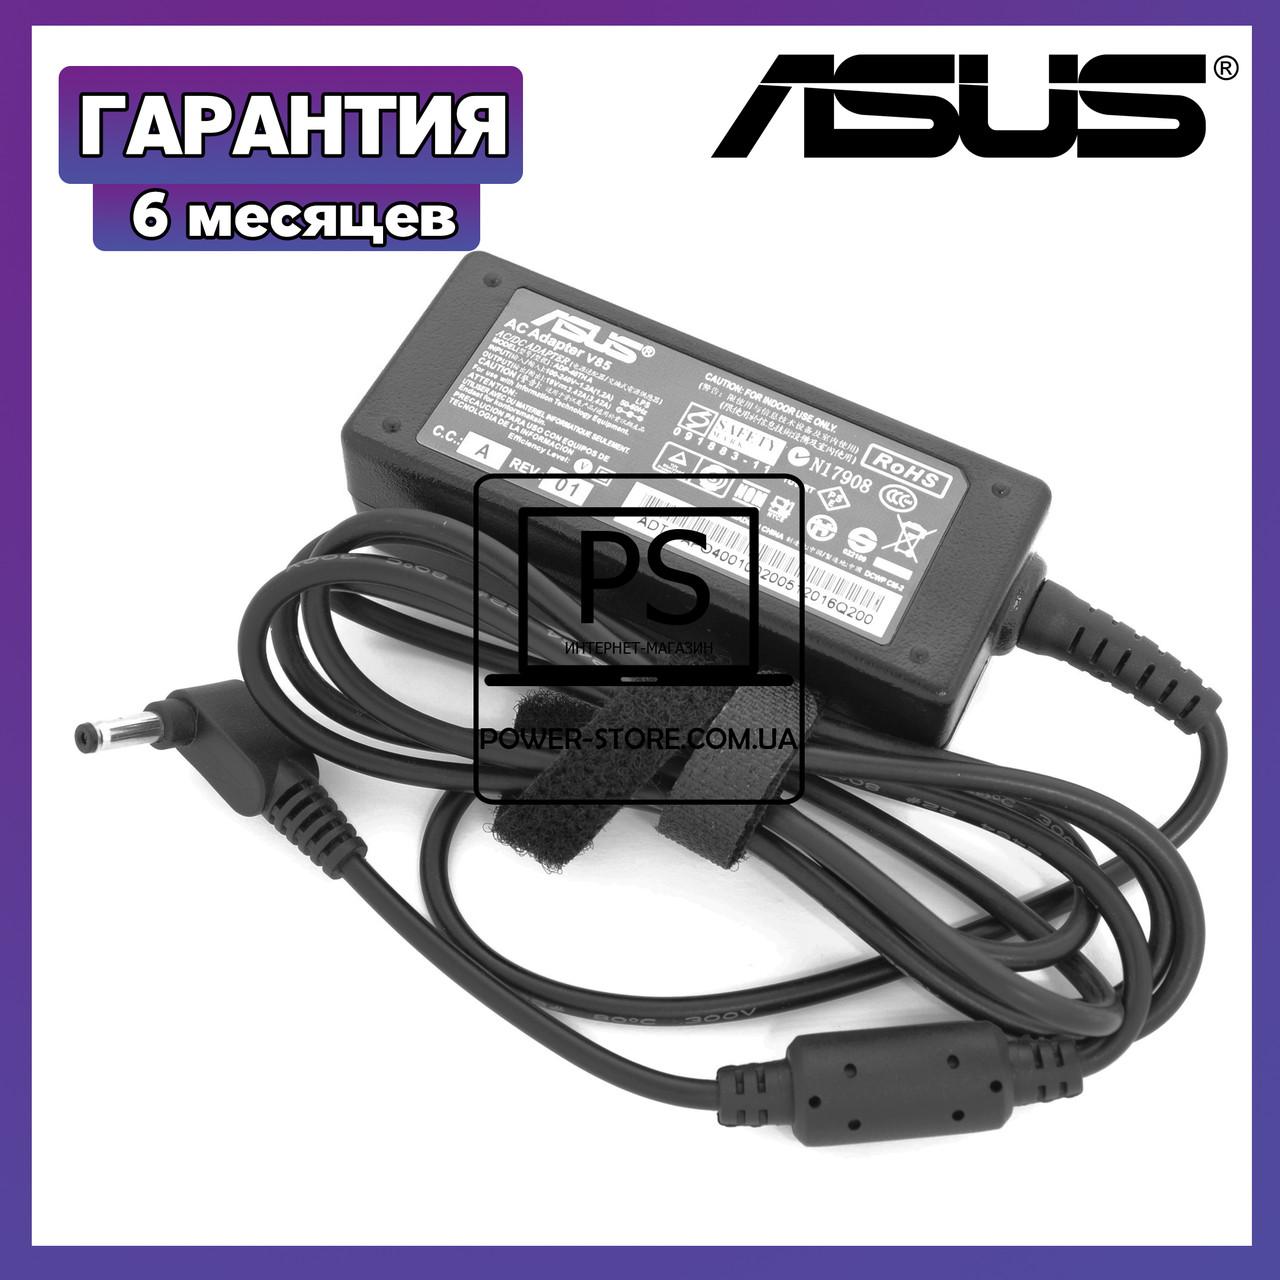 Блок питания зарядное устройство для ноутбука ASUS 19V 3.42A 65W 4.0x1.35